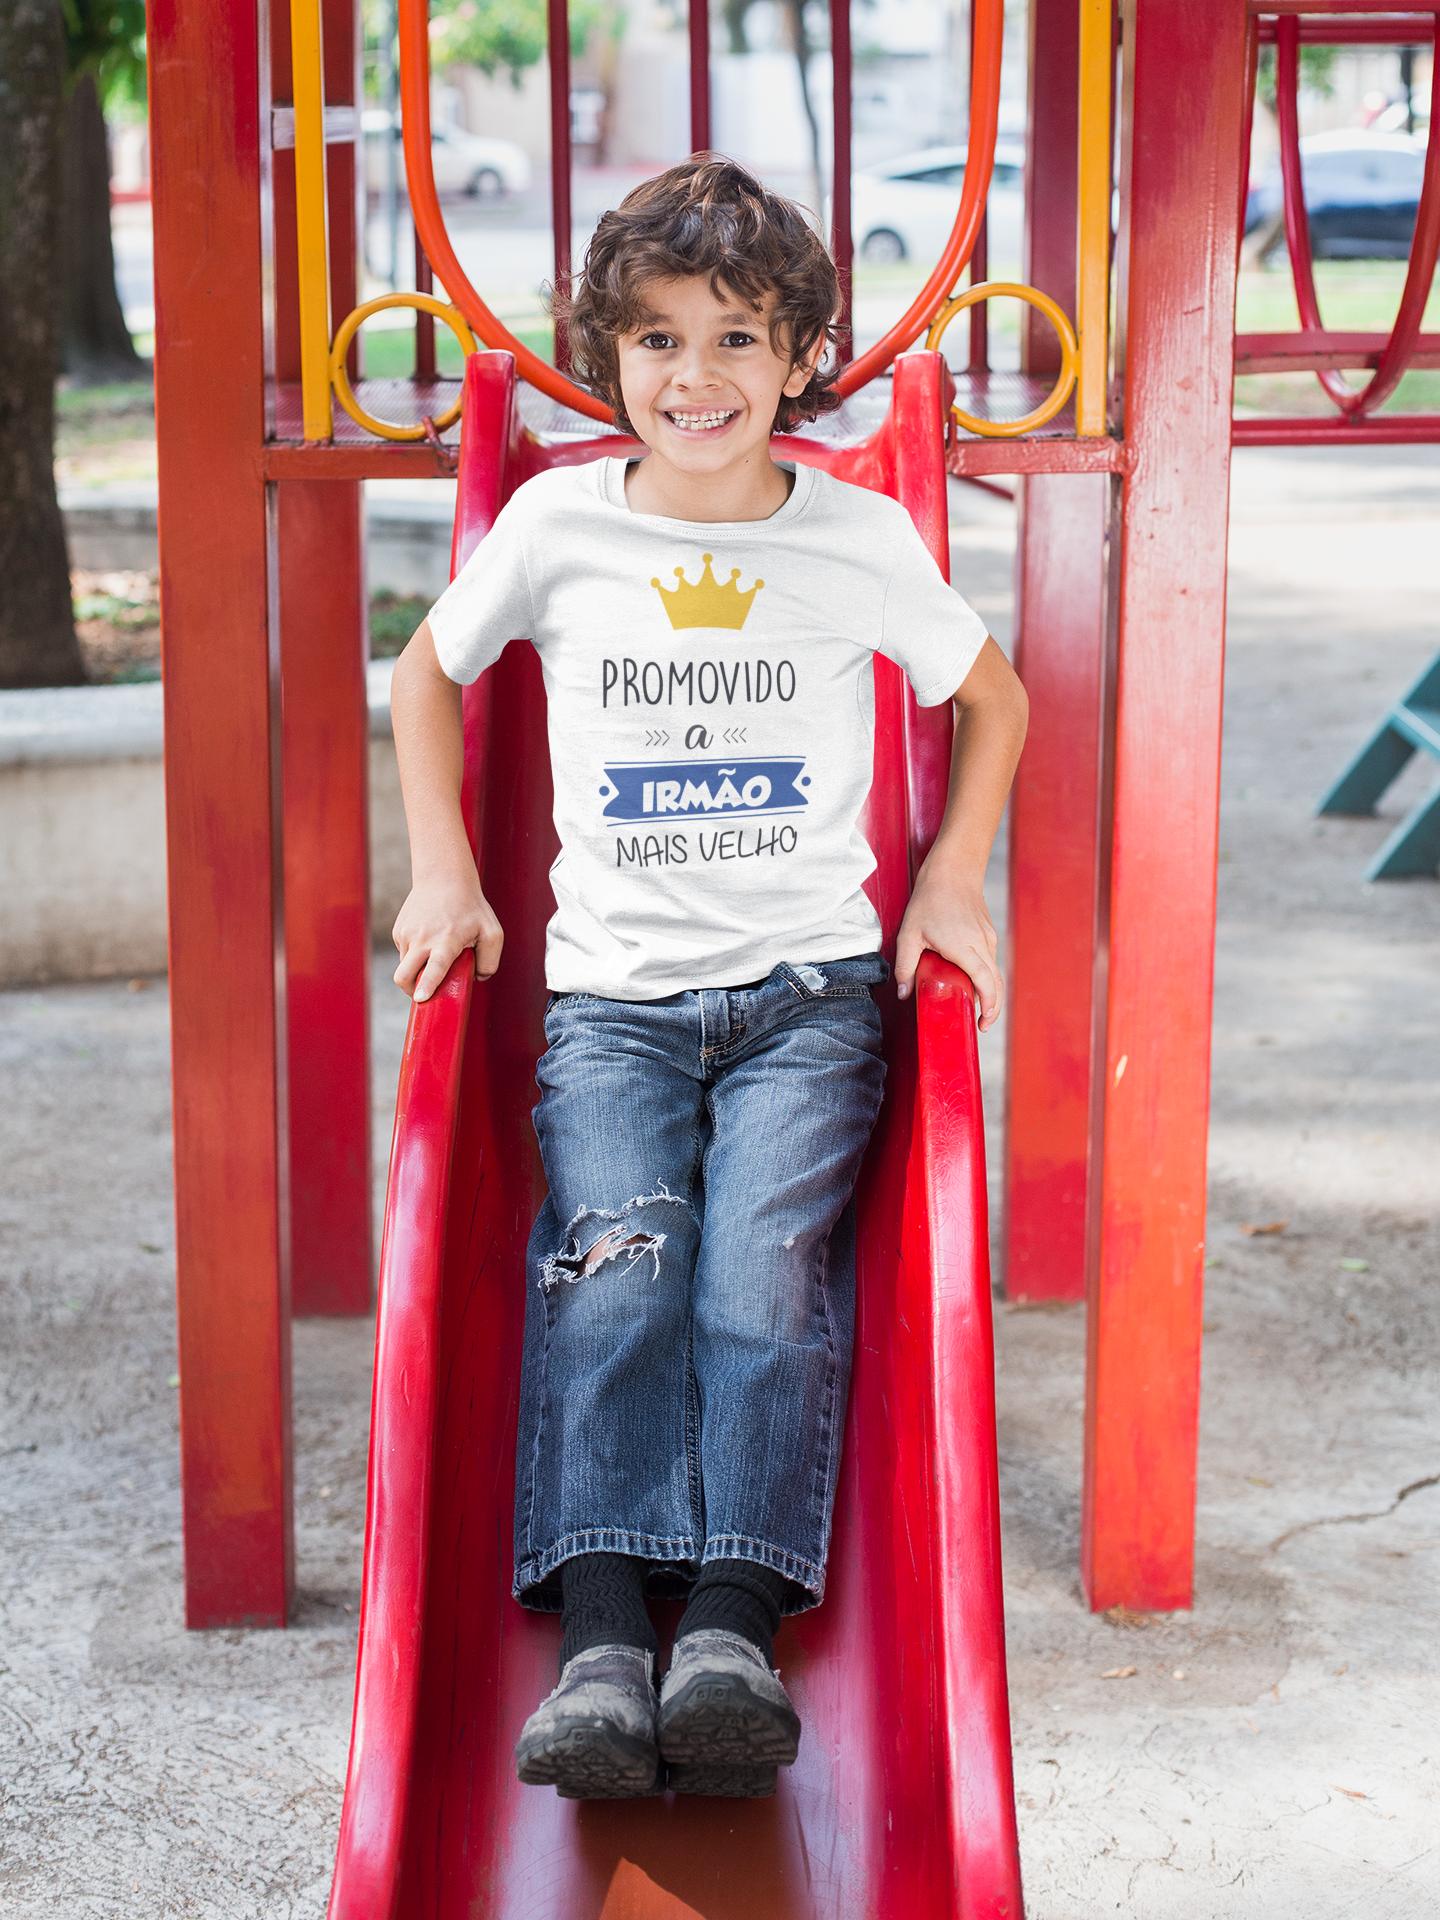 Camiseta Promovido a Irmão Mais Velho, Criança brincando no Parquinho